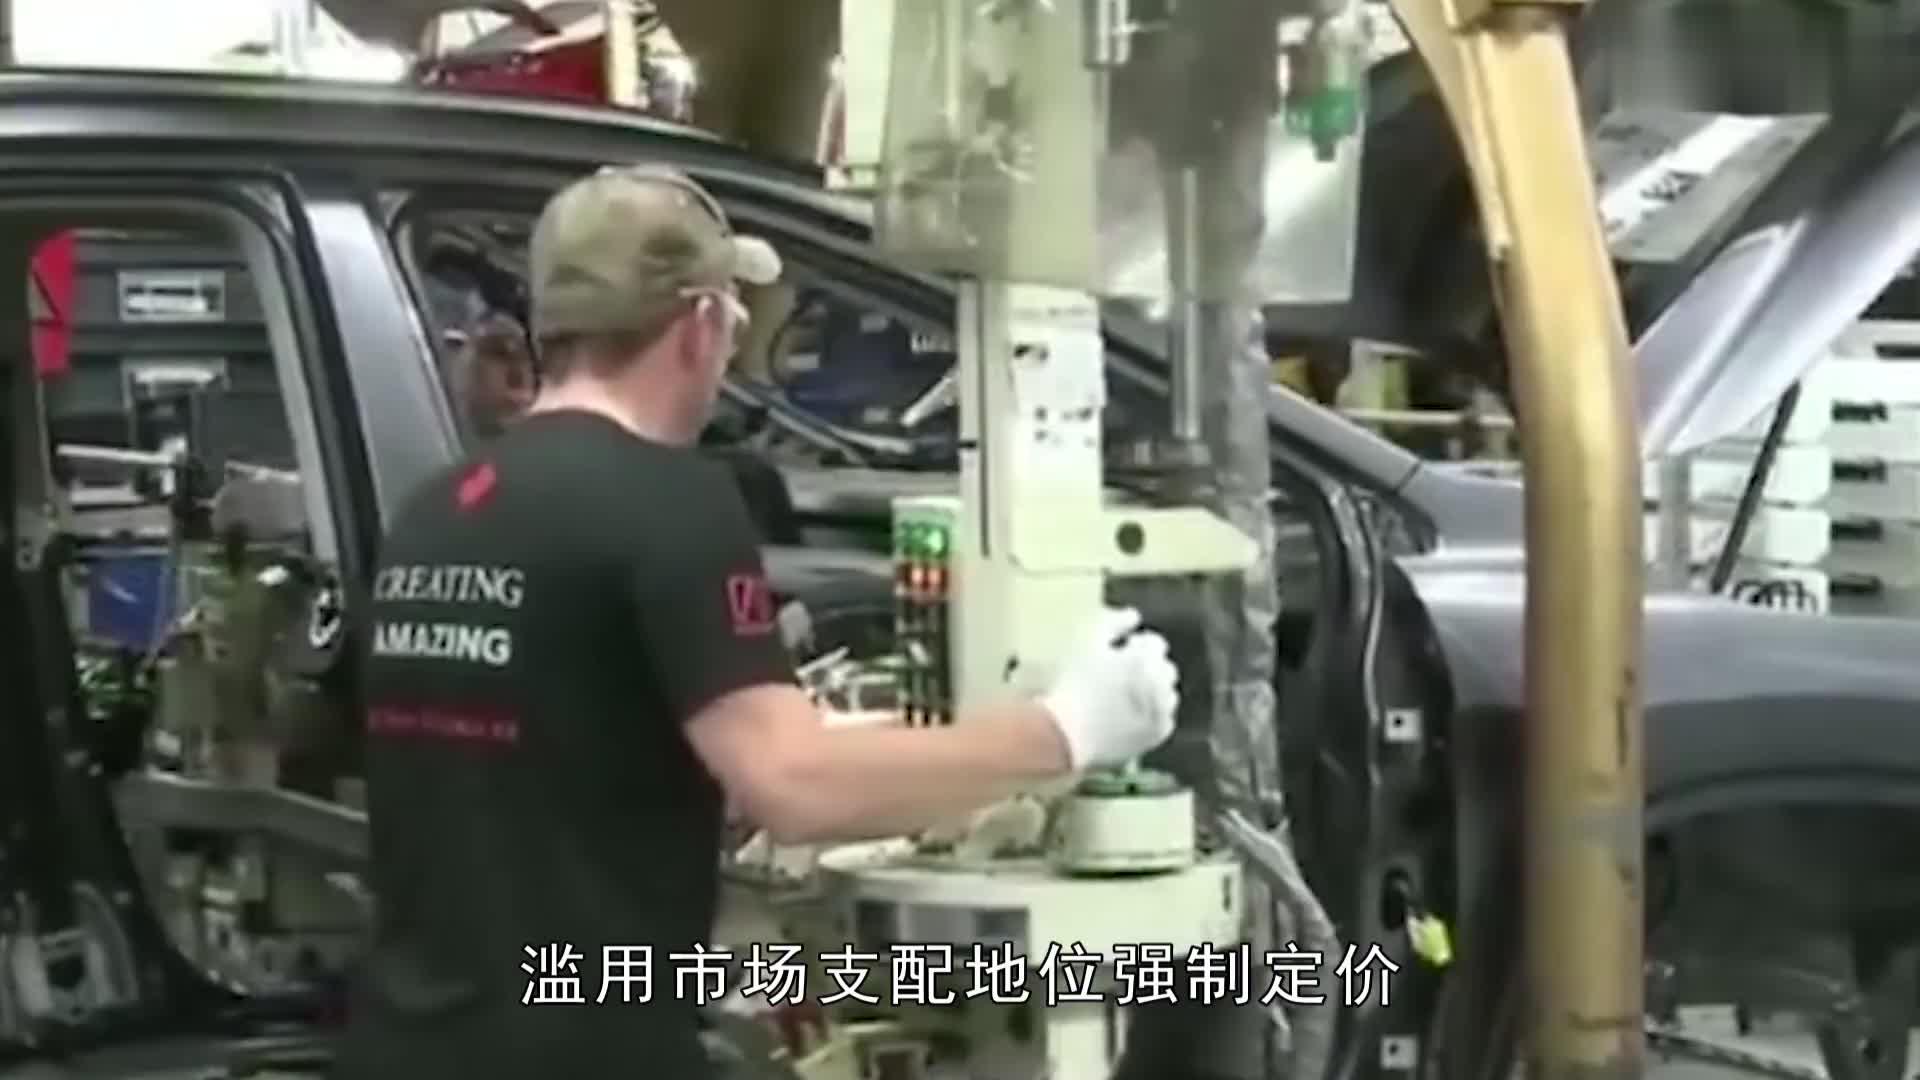 雷车在中国被捧上天,在德国却是倒数,难道德国人不懂车?